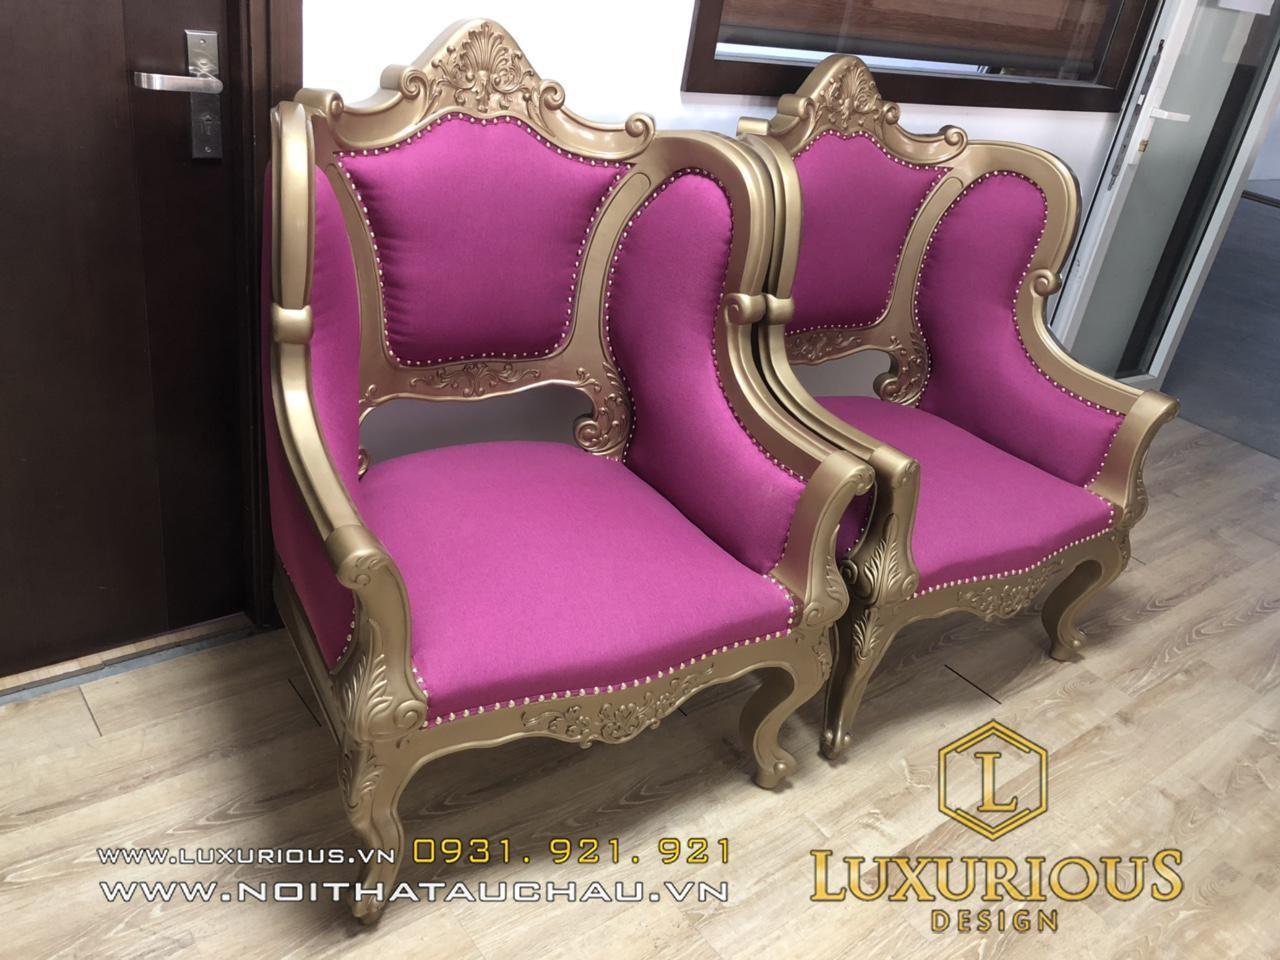 Sản xuất bàn ghế gỗ tân cổ điển